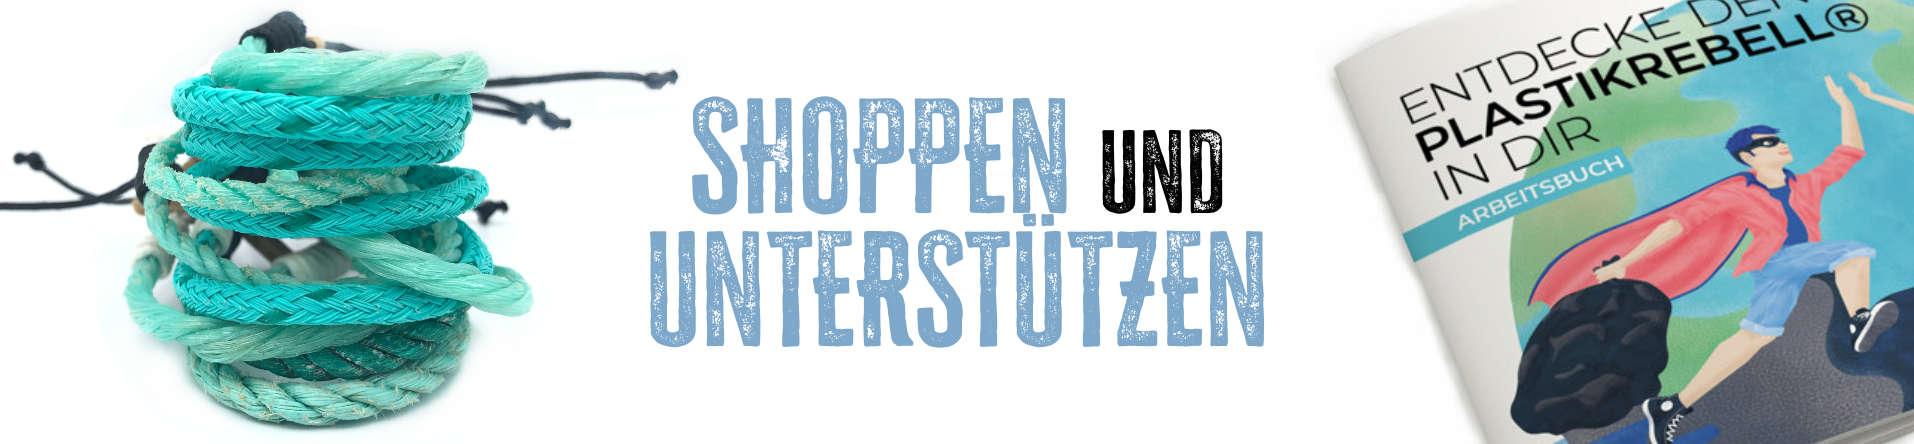 ozeankind-shoppen-und-unterstützen